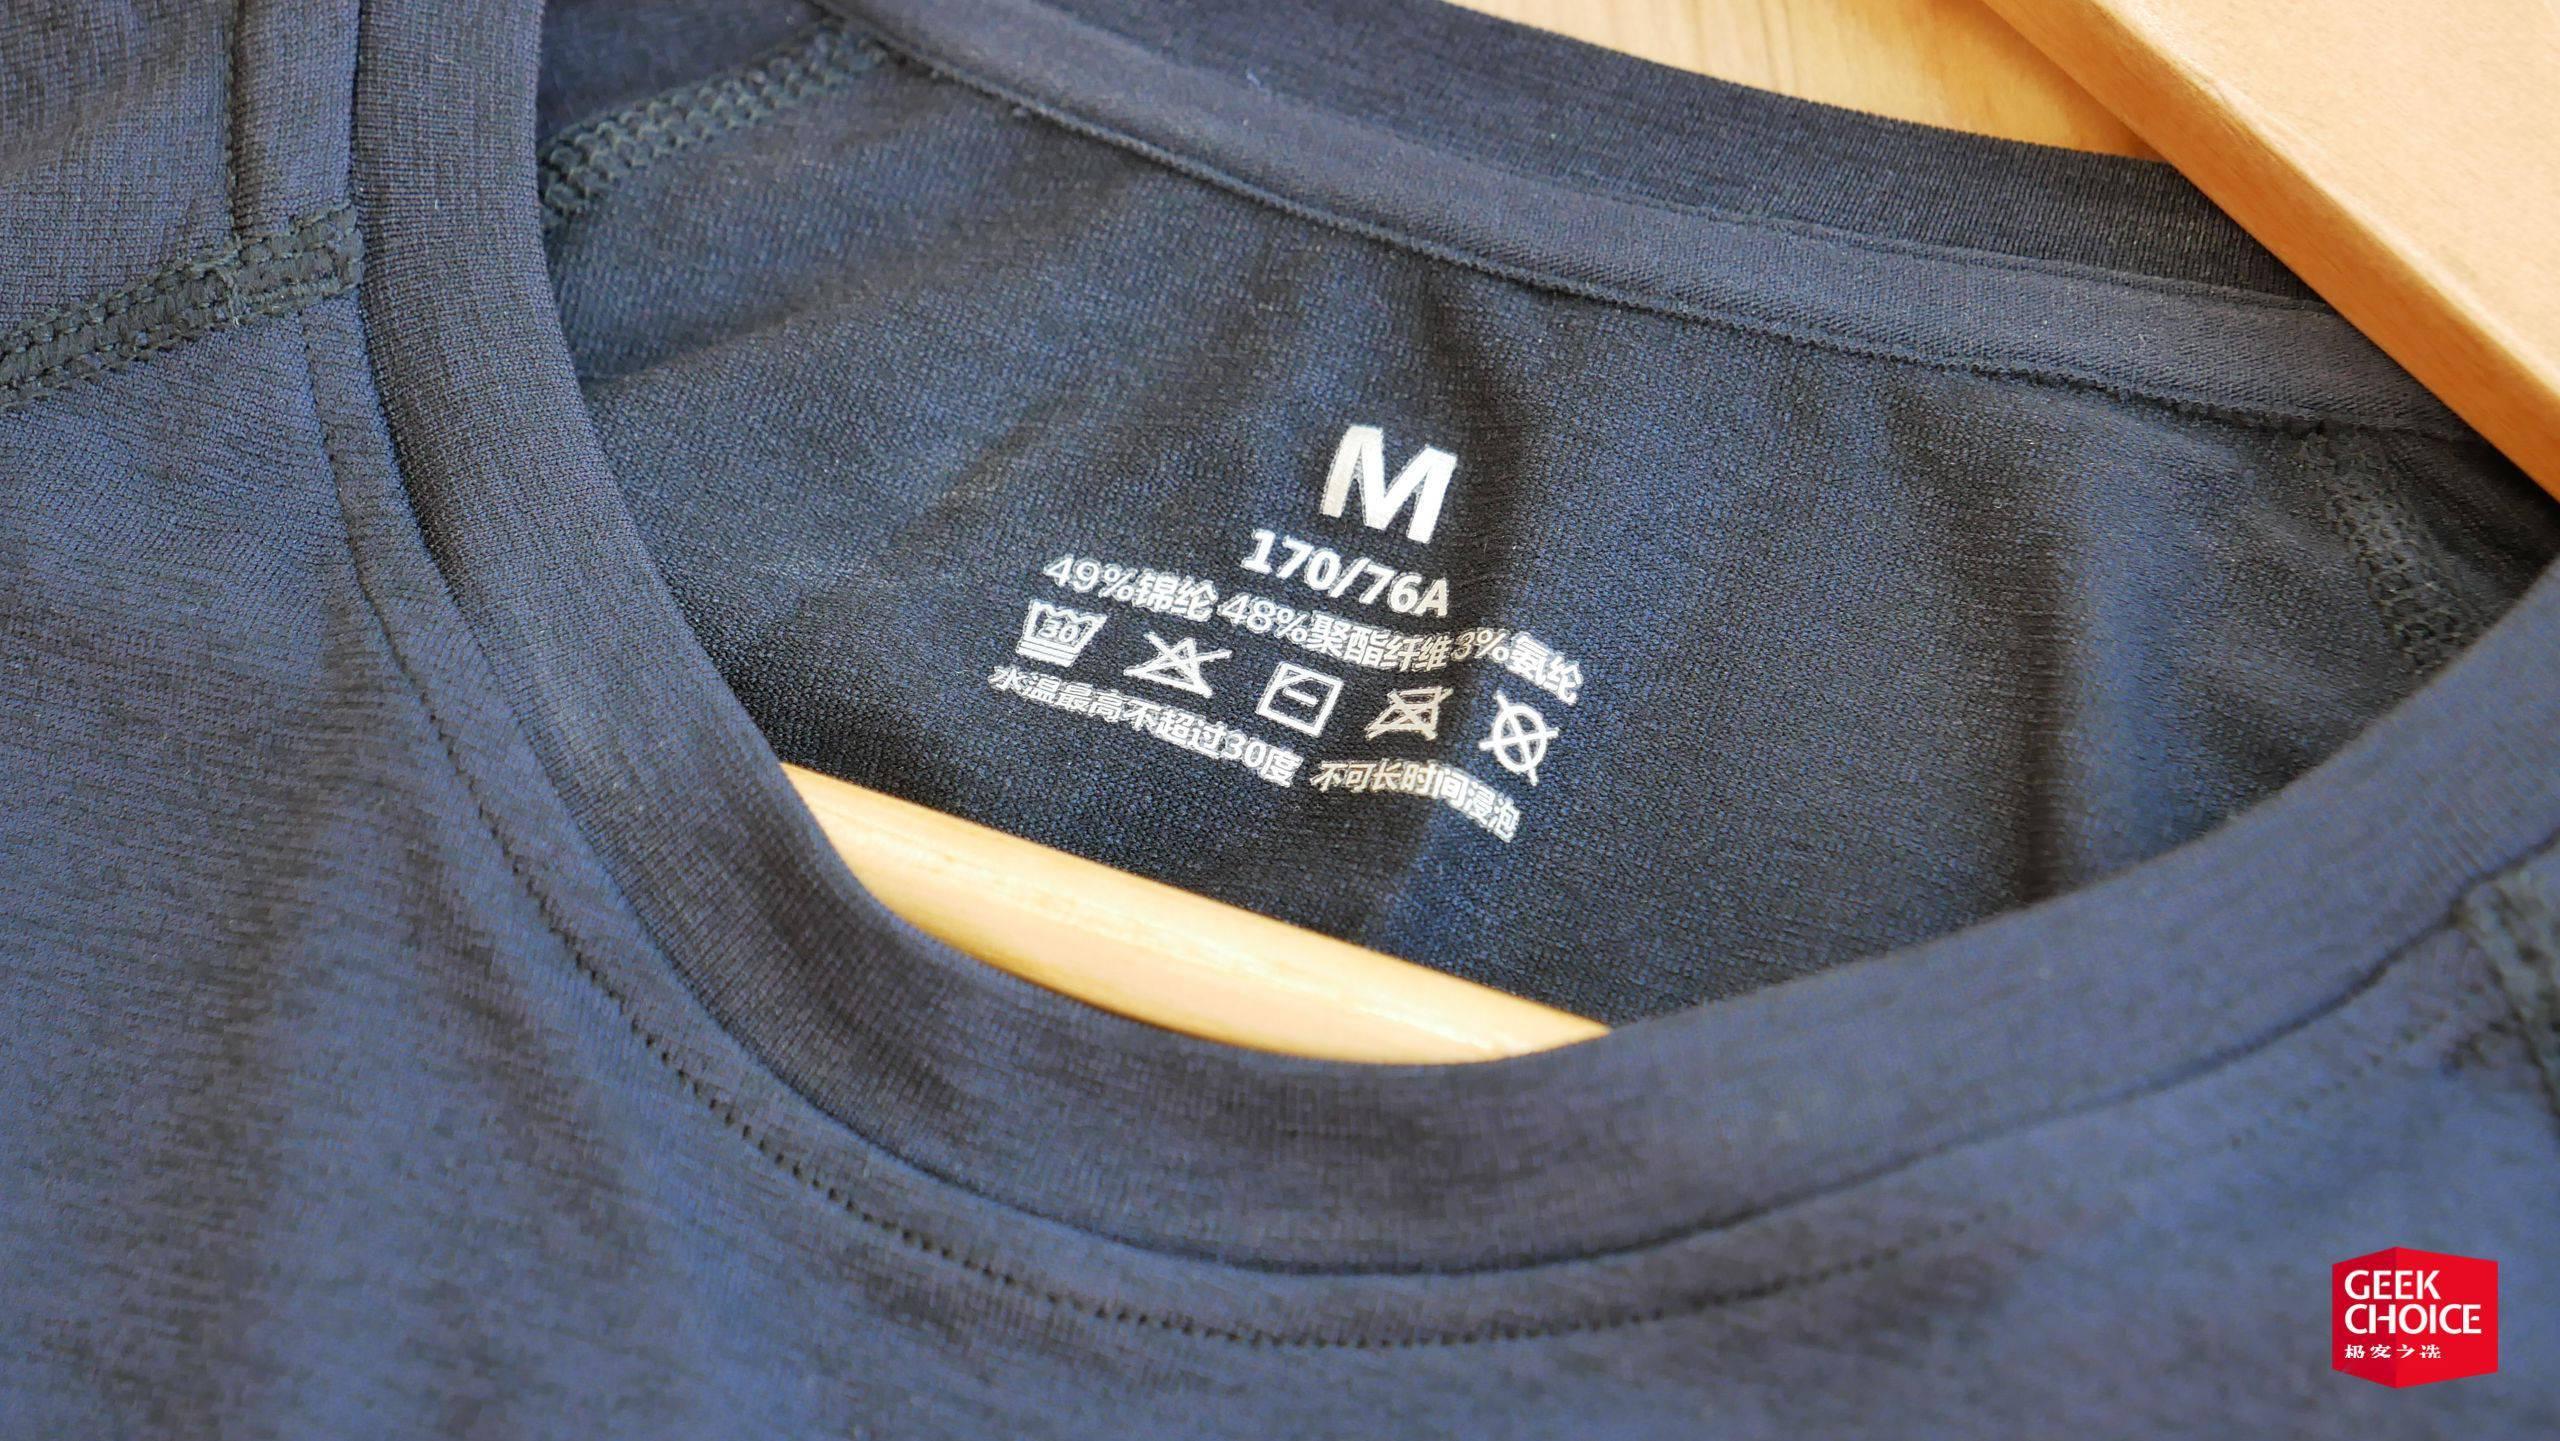 科学健身神器?小米出了一款能监测心电数据的 T 恤|图赏